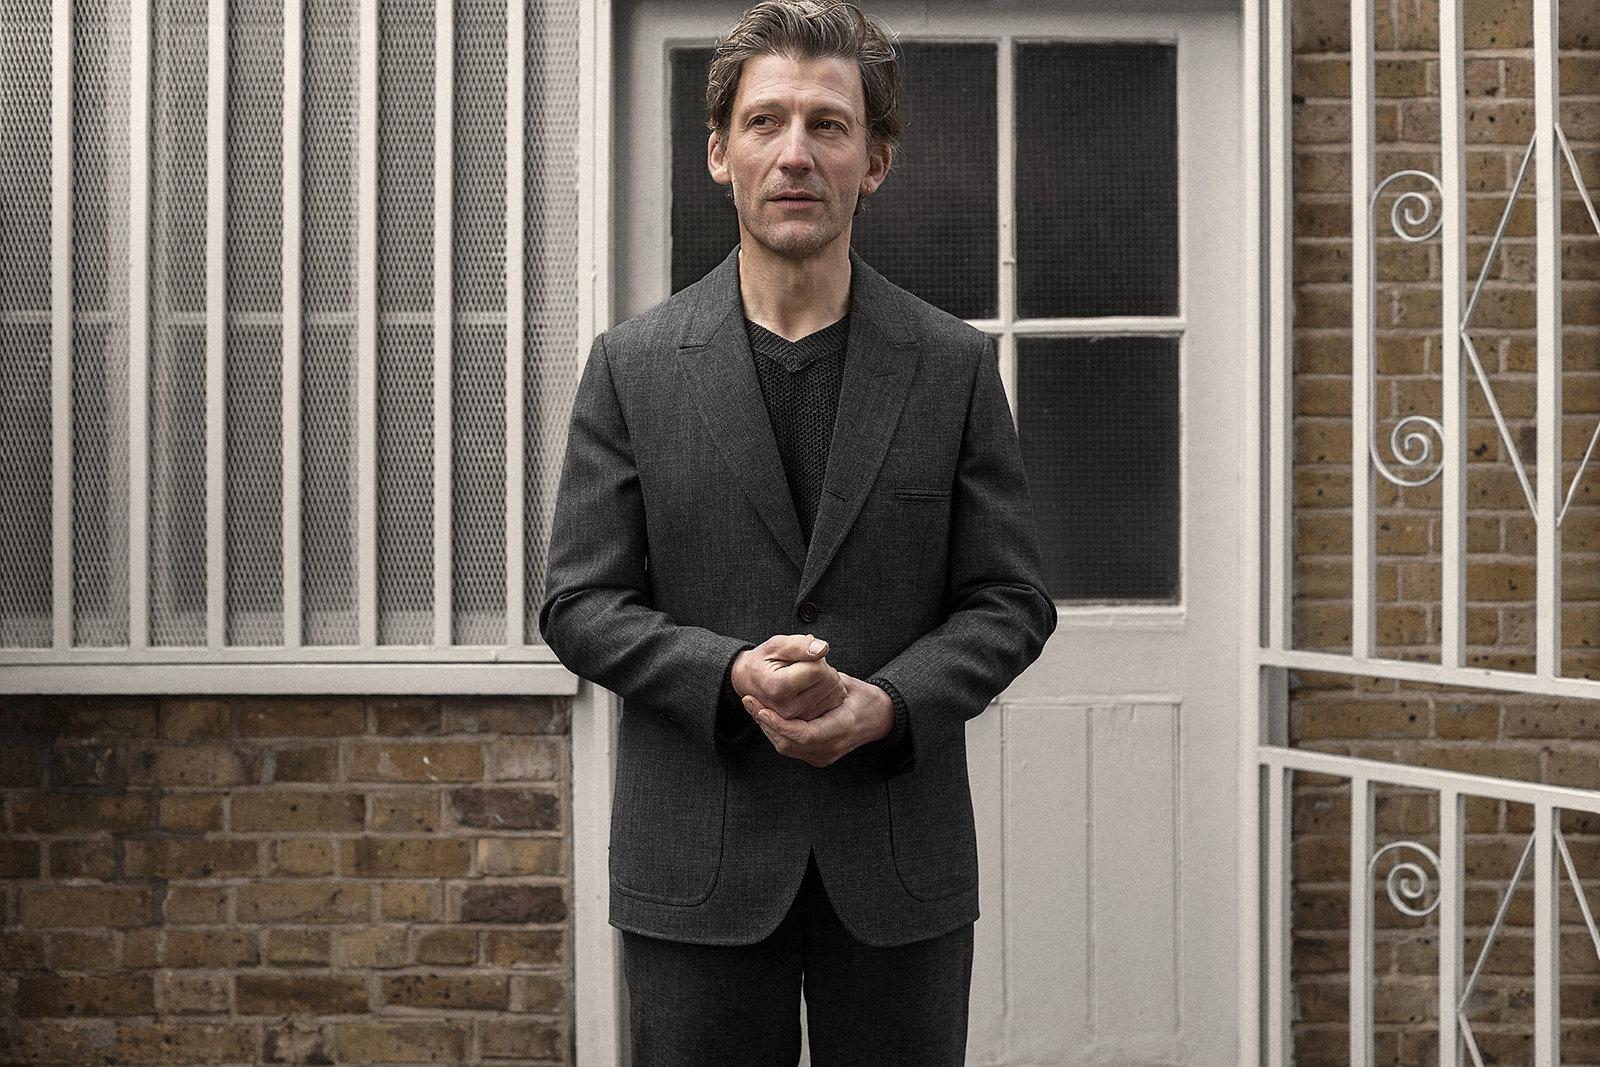 sb3-jacket-worsted-grey-worn-1@2x.jpg